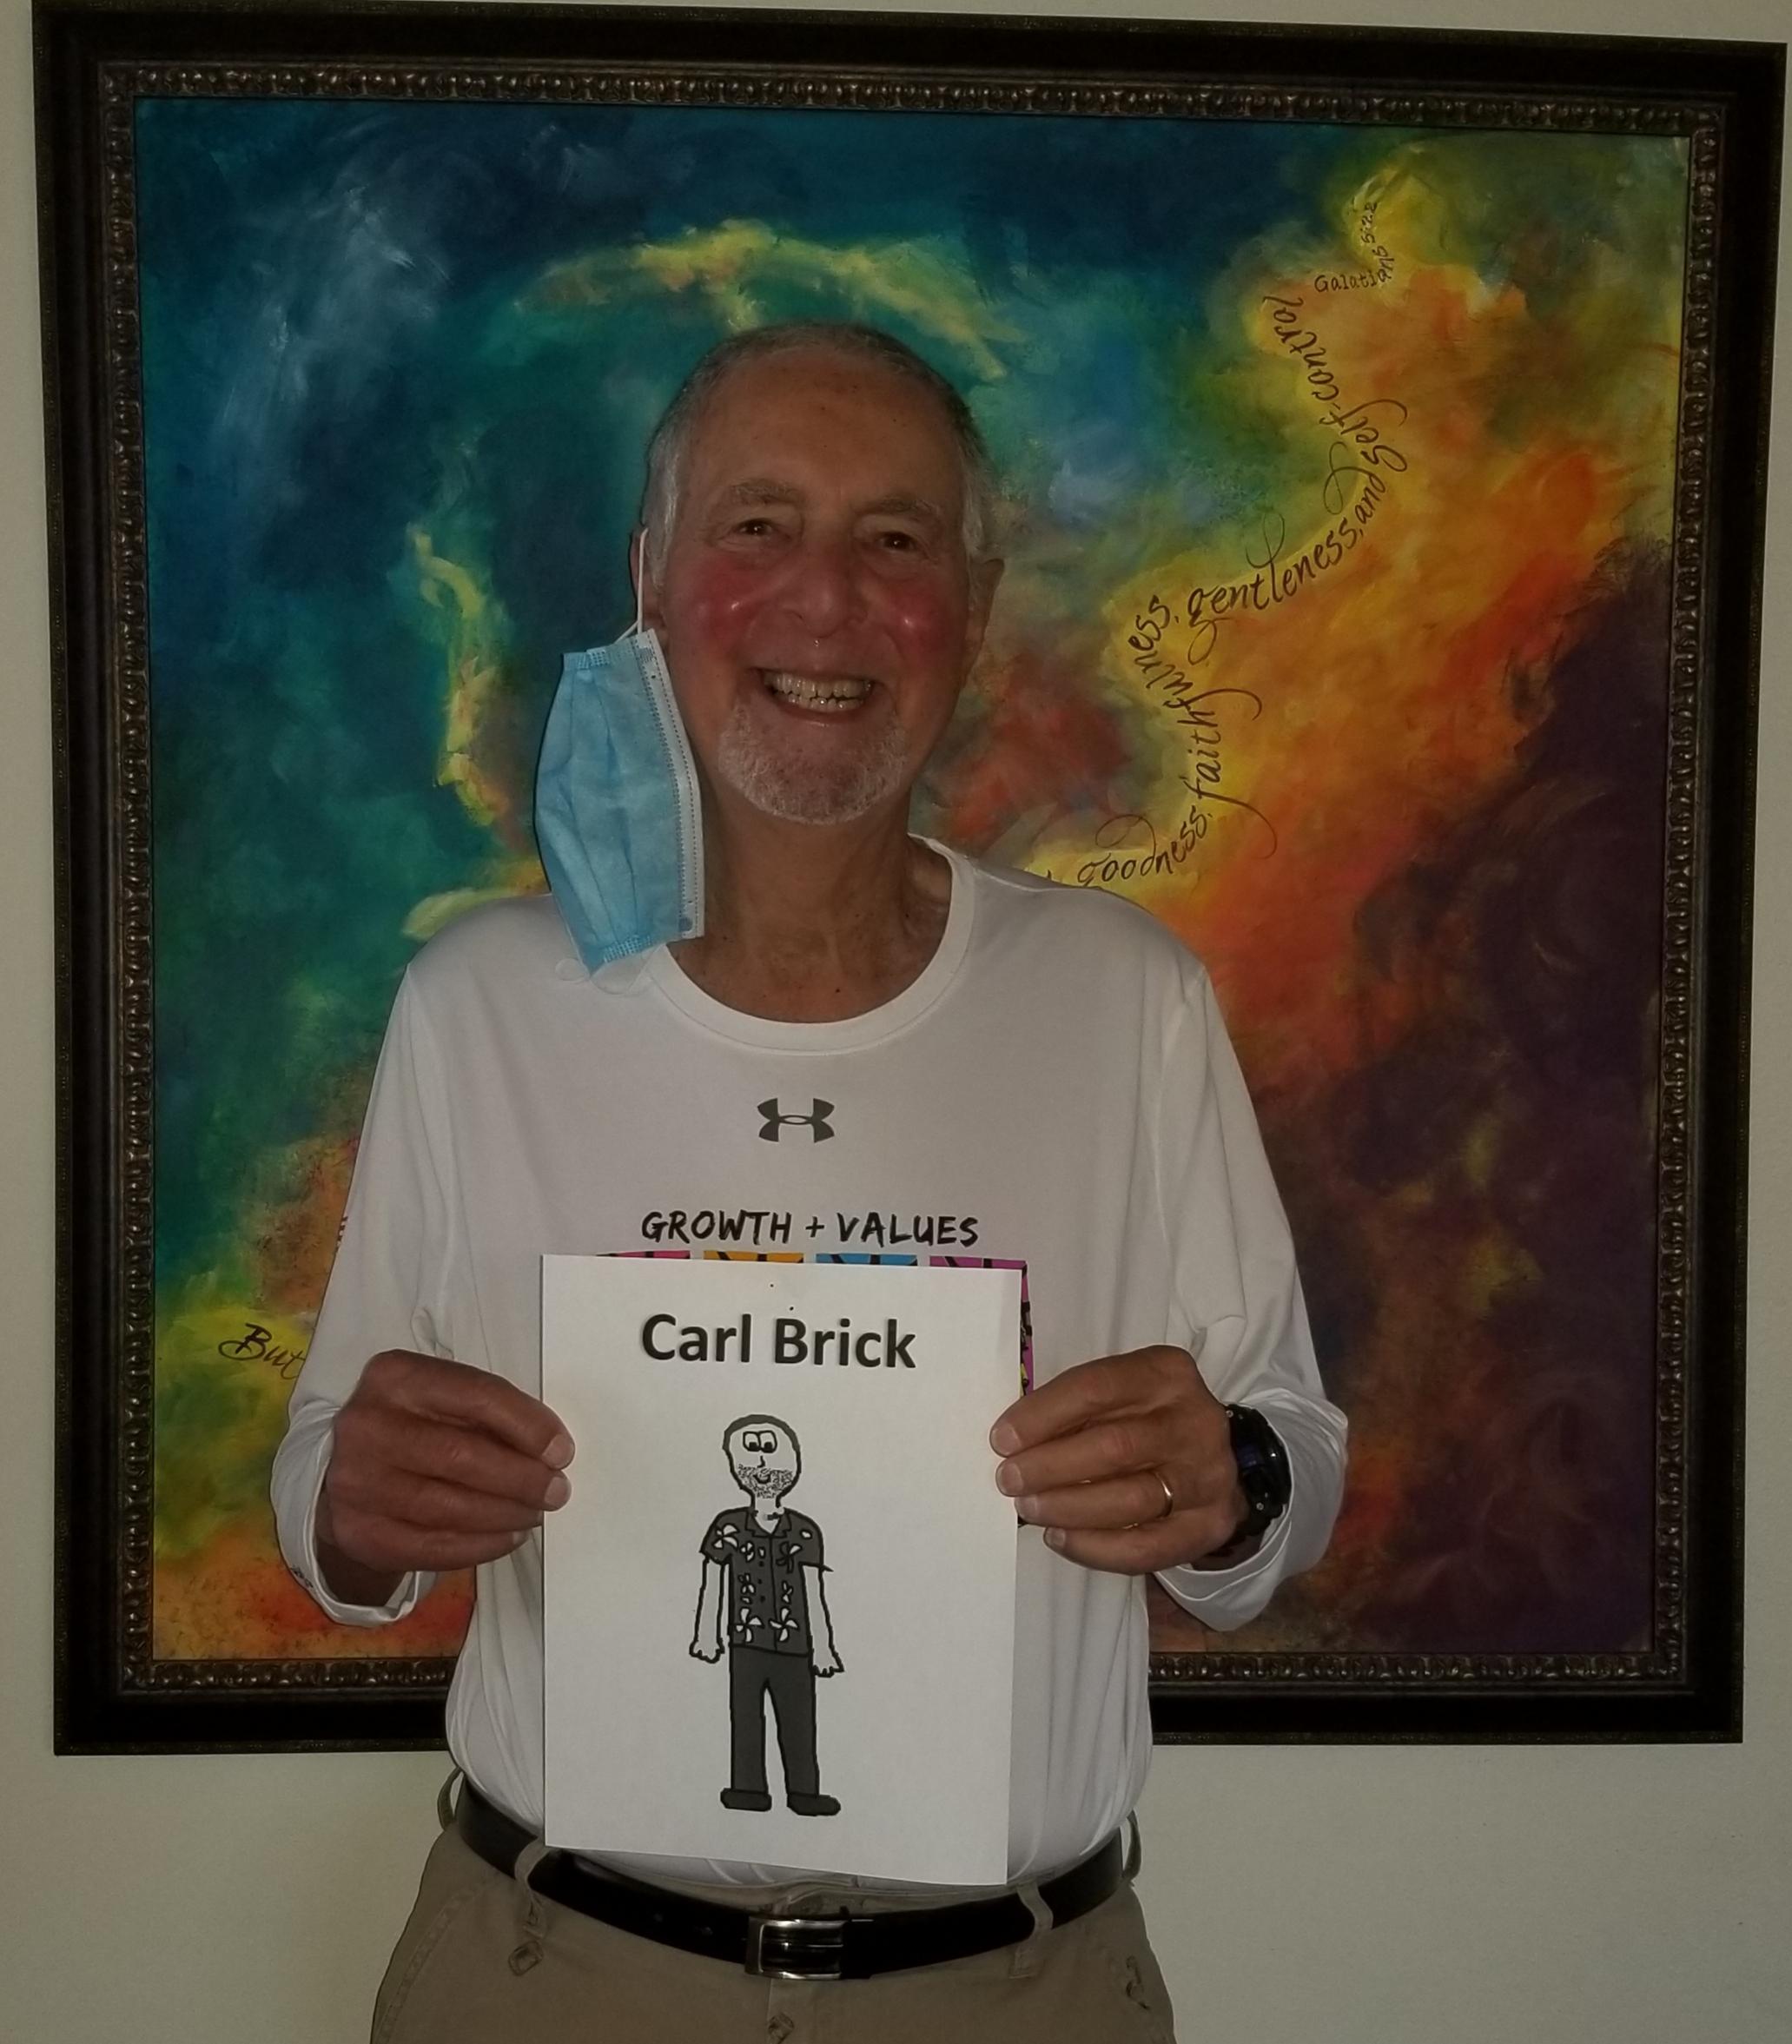 Carl Brick